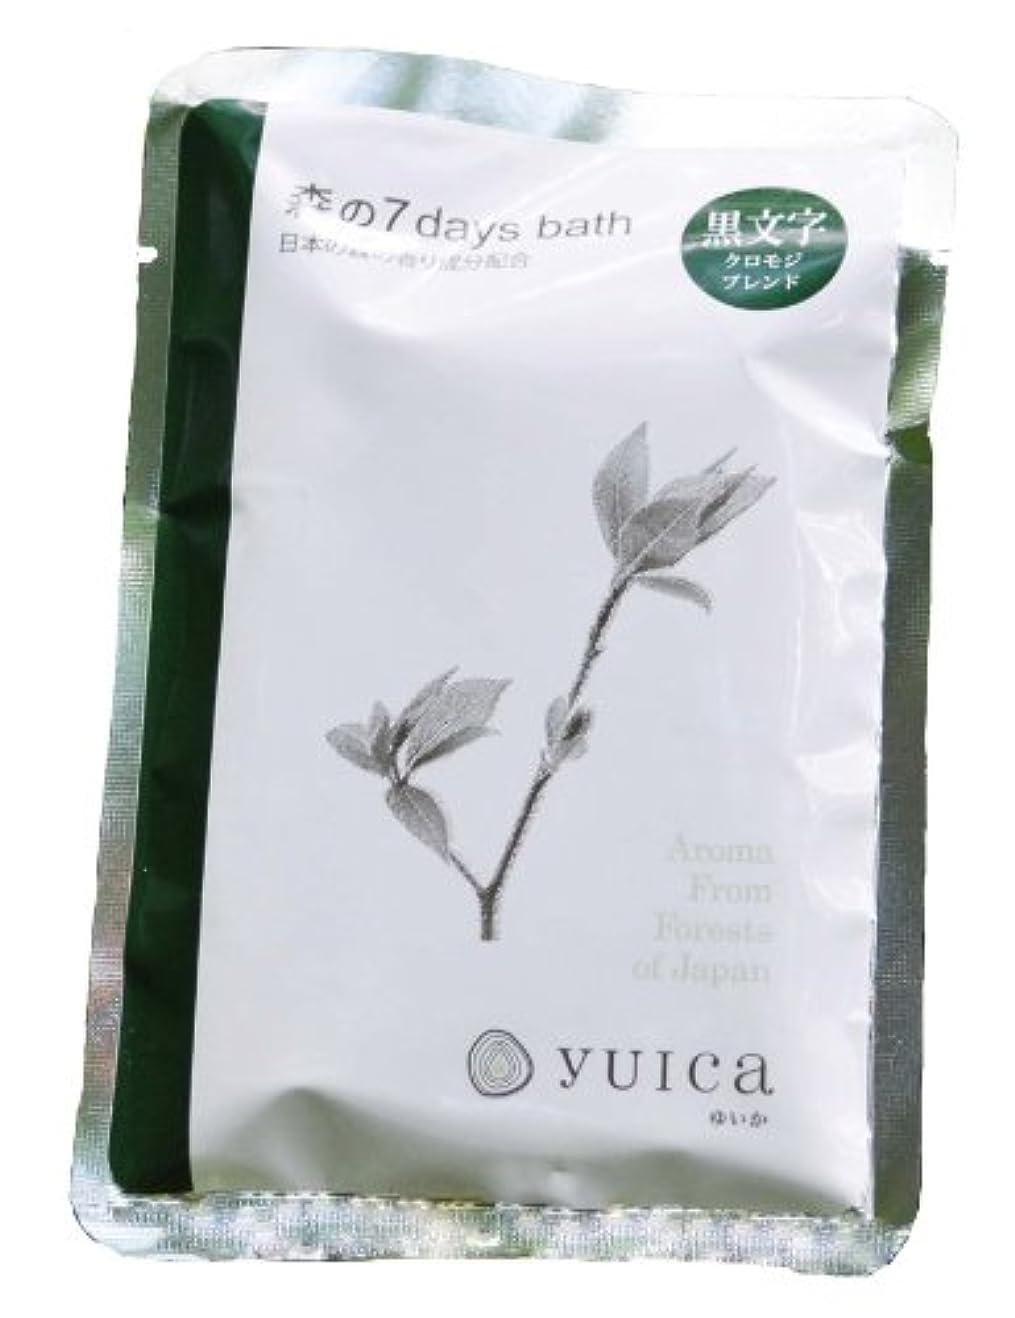 冷ややかなコントラスト降下yuica 森の7 days bath(入浴パウダー)やすらぎの香り(クロモジブレンド) 60g